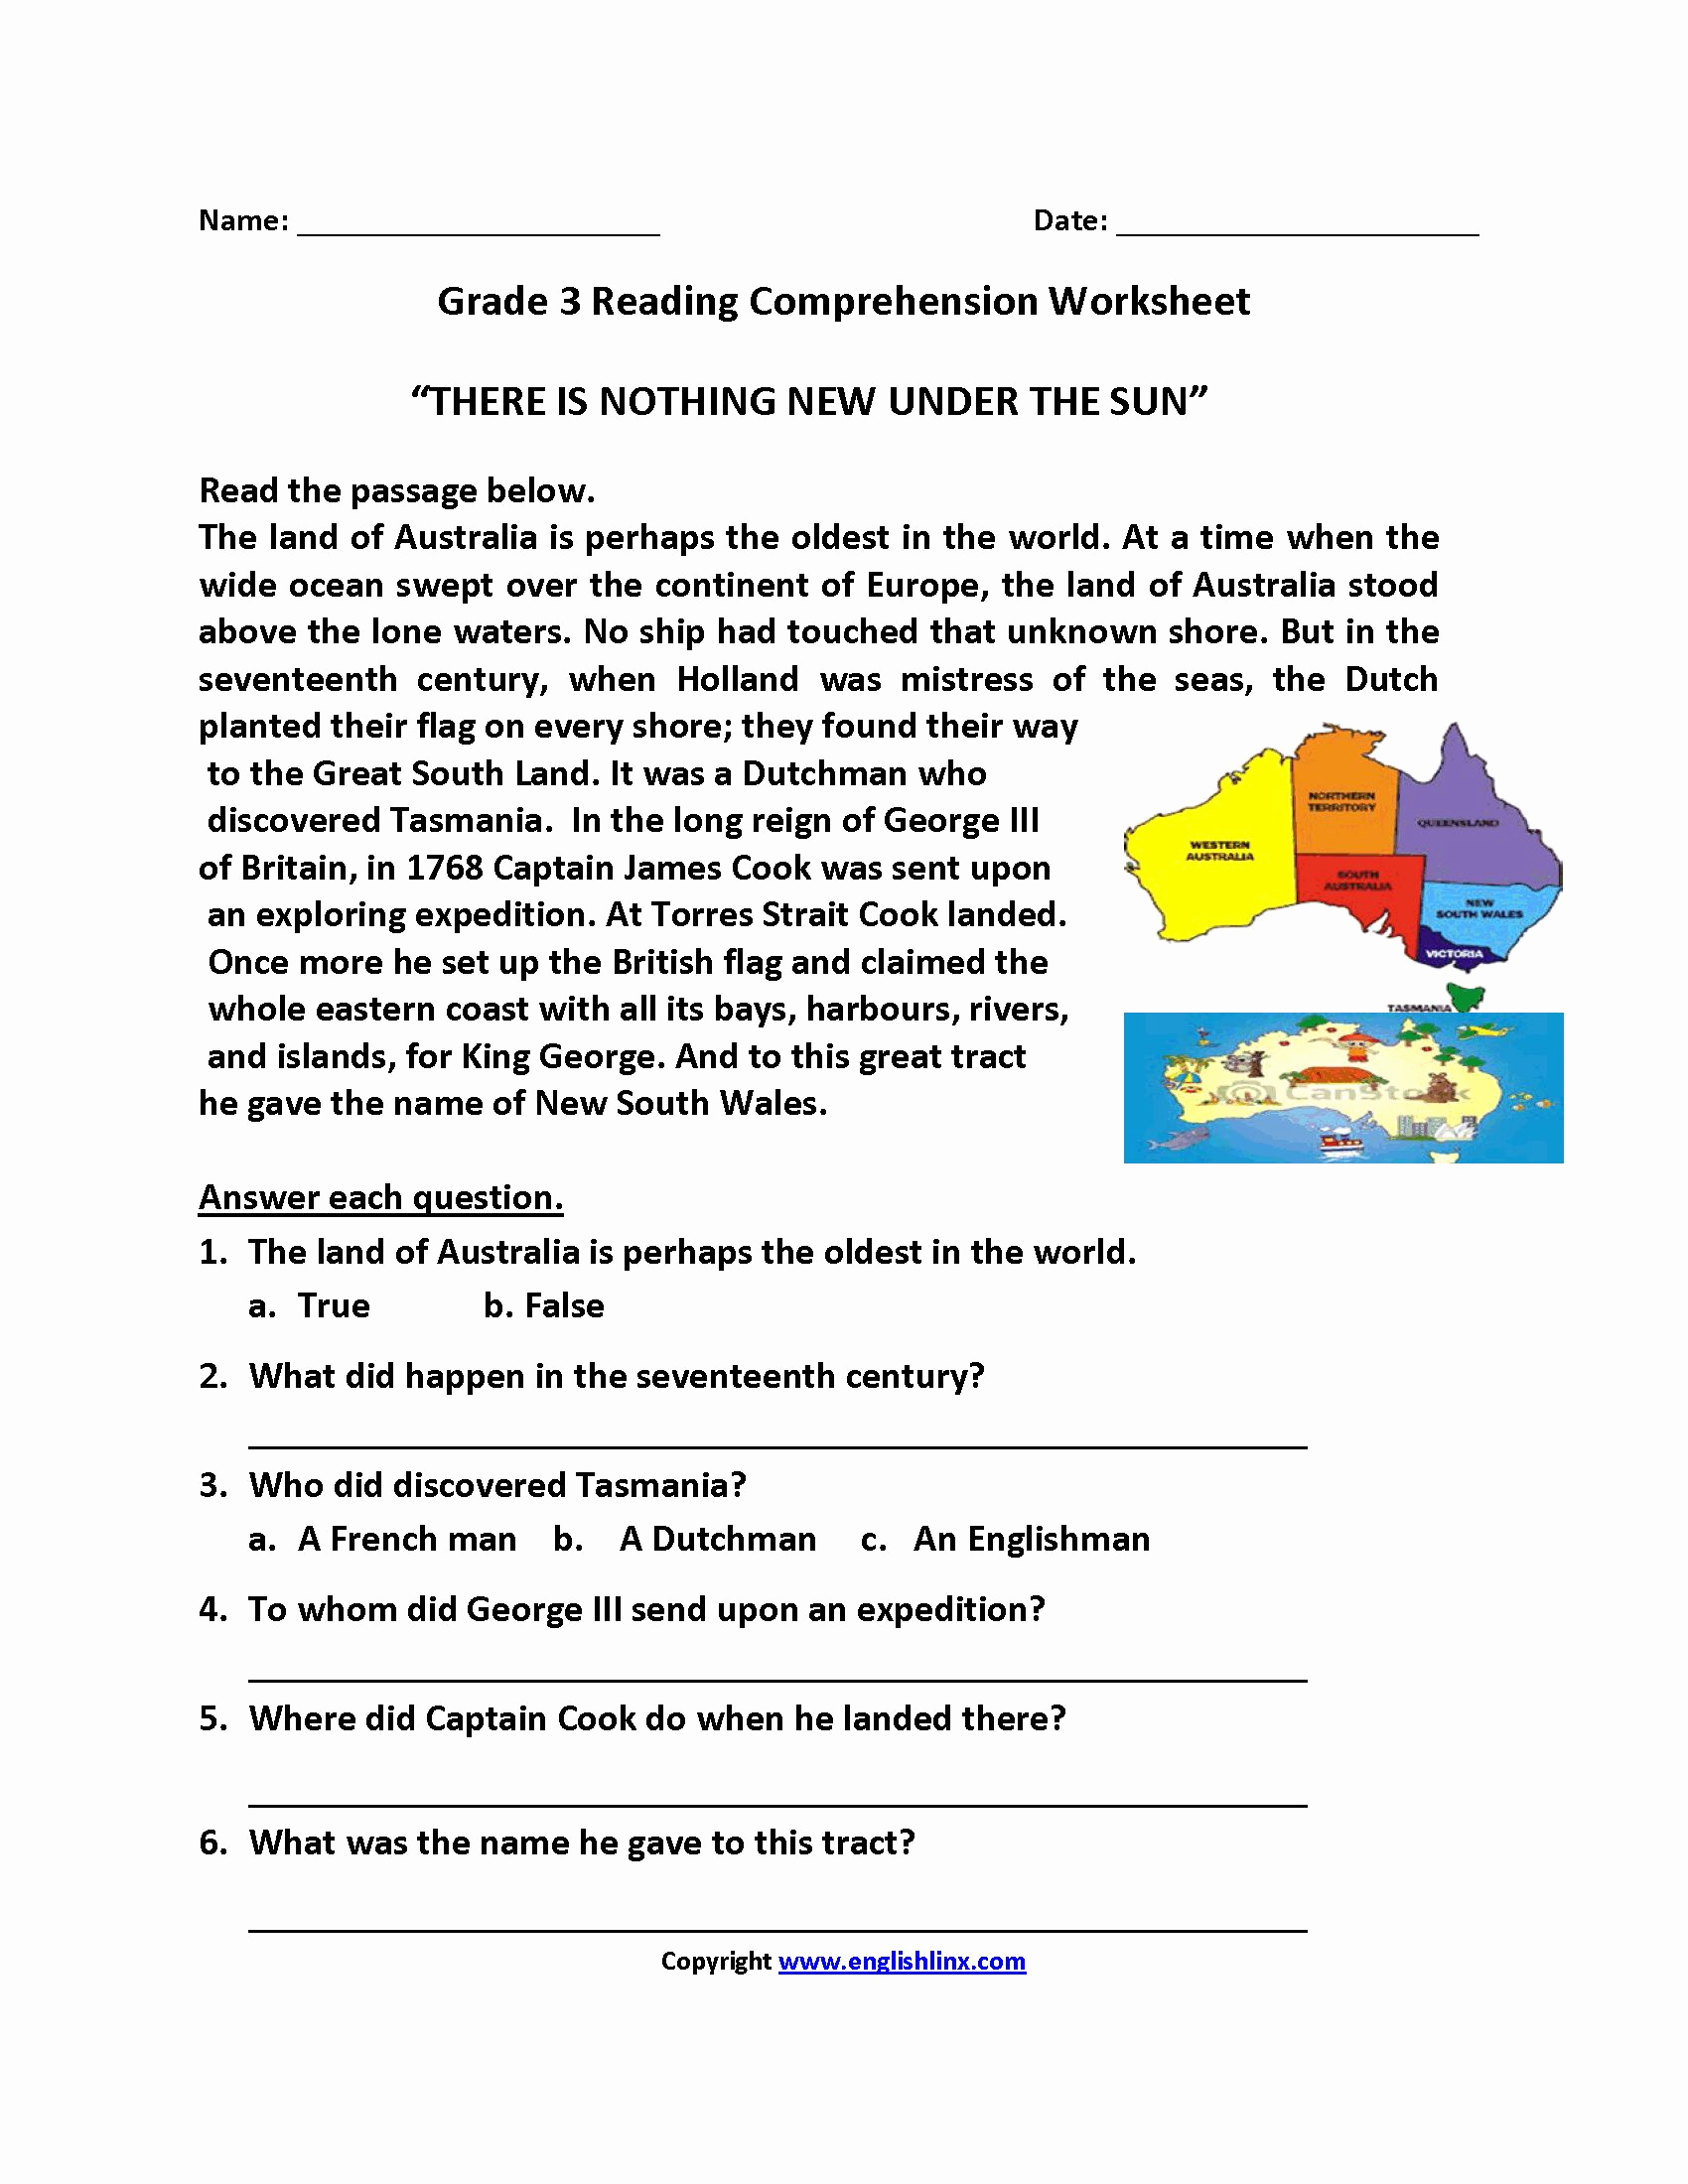 Proofreading Worksheets 3rd Grade Elegant Reading Prehension Worksheets for Grade 3 Pdf